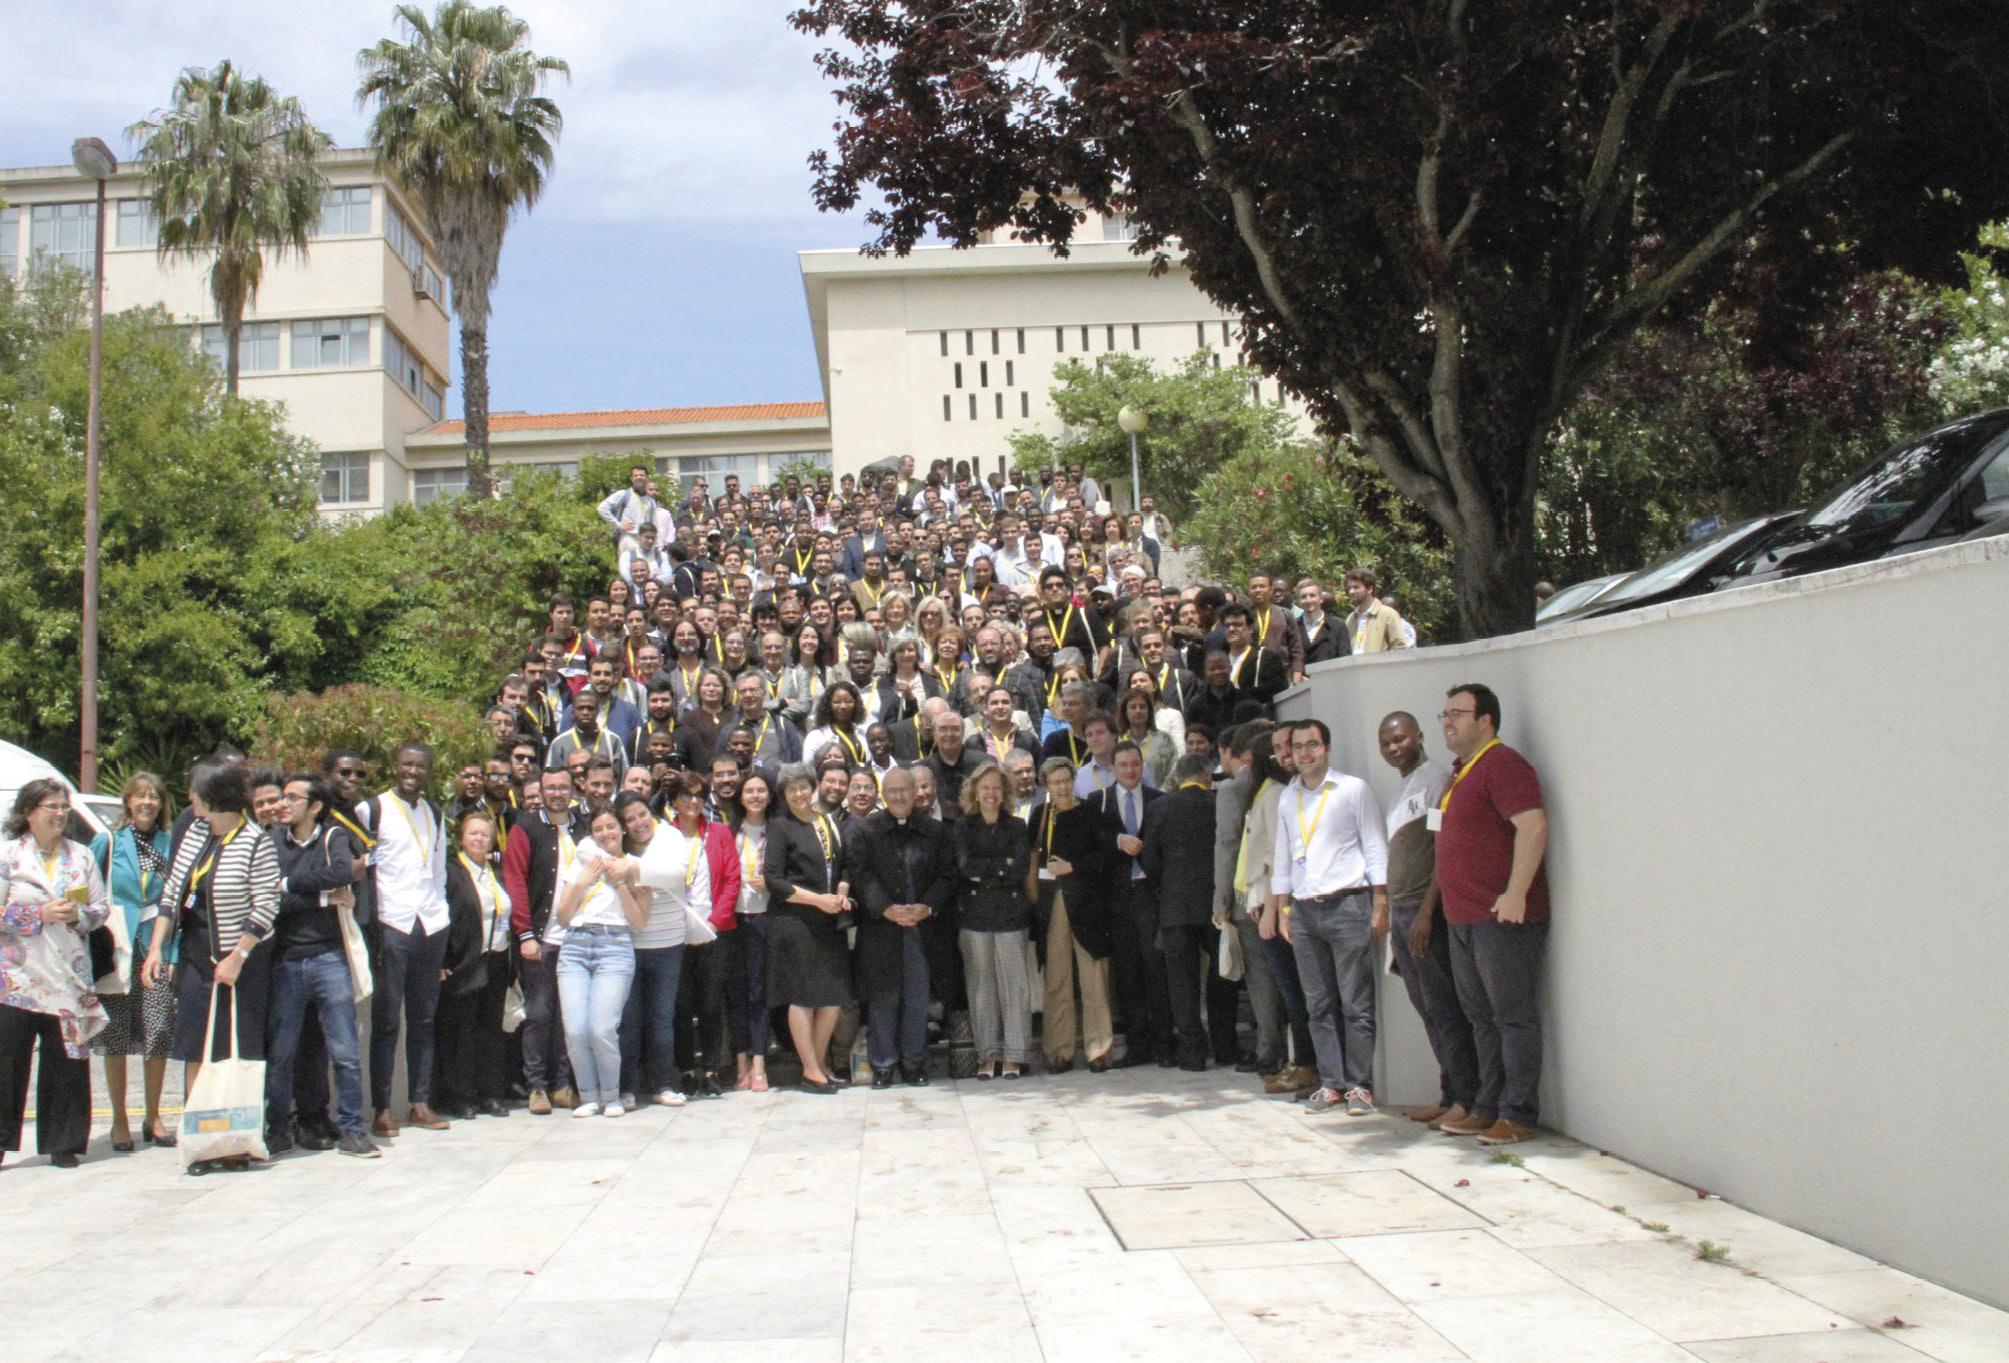 Sessão solene reuniu docentes e alunos de todo o país, no dia nacional da Faculdade de Teologia, em Lisboa. Fotos Ecclesia.